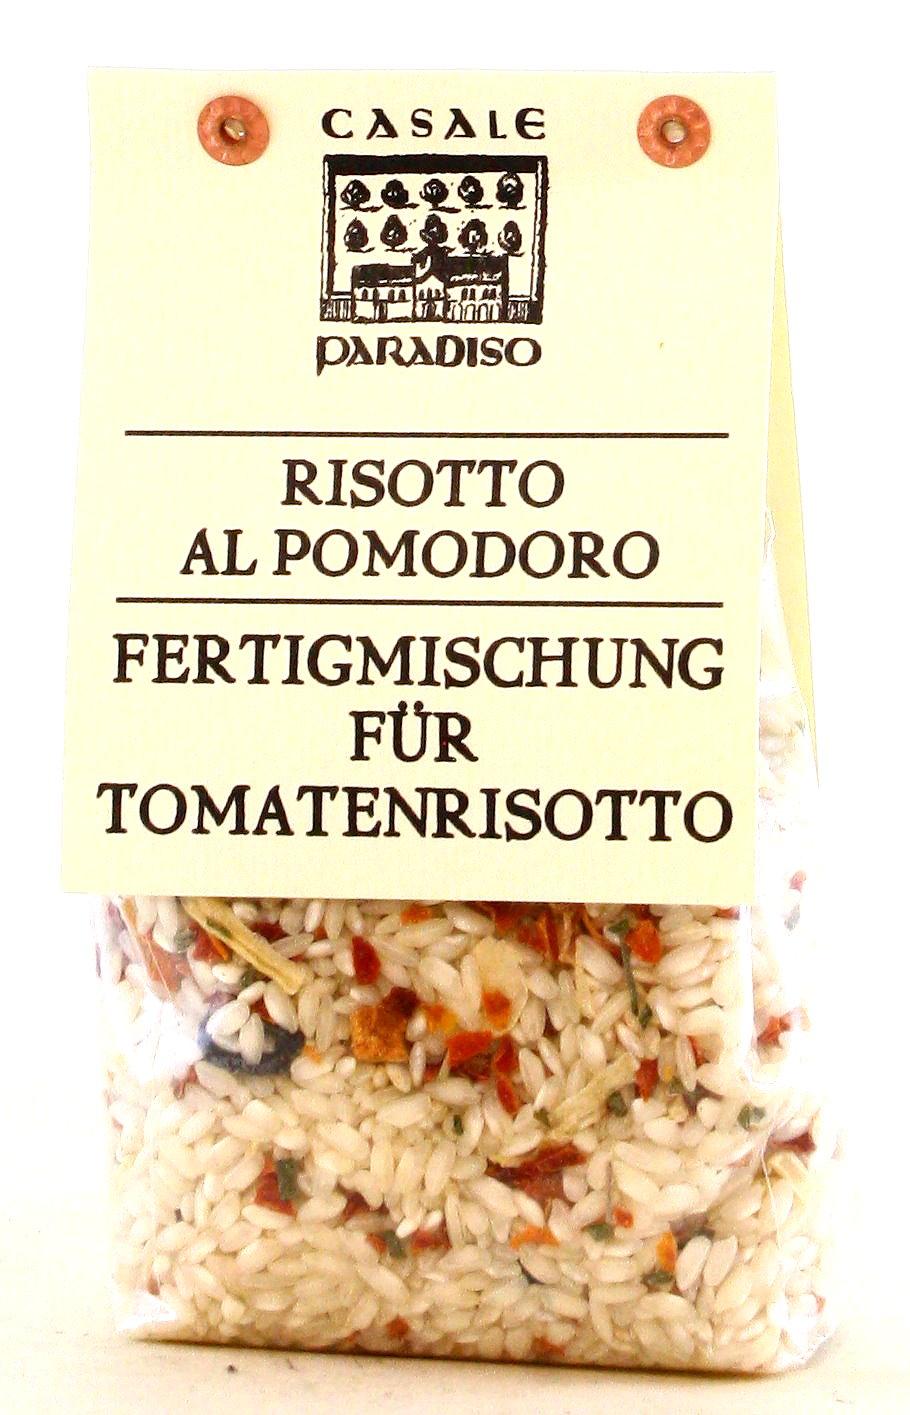 Risotto ai Pomodoro - Tomatenrisotto